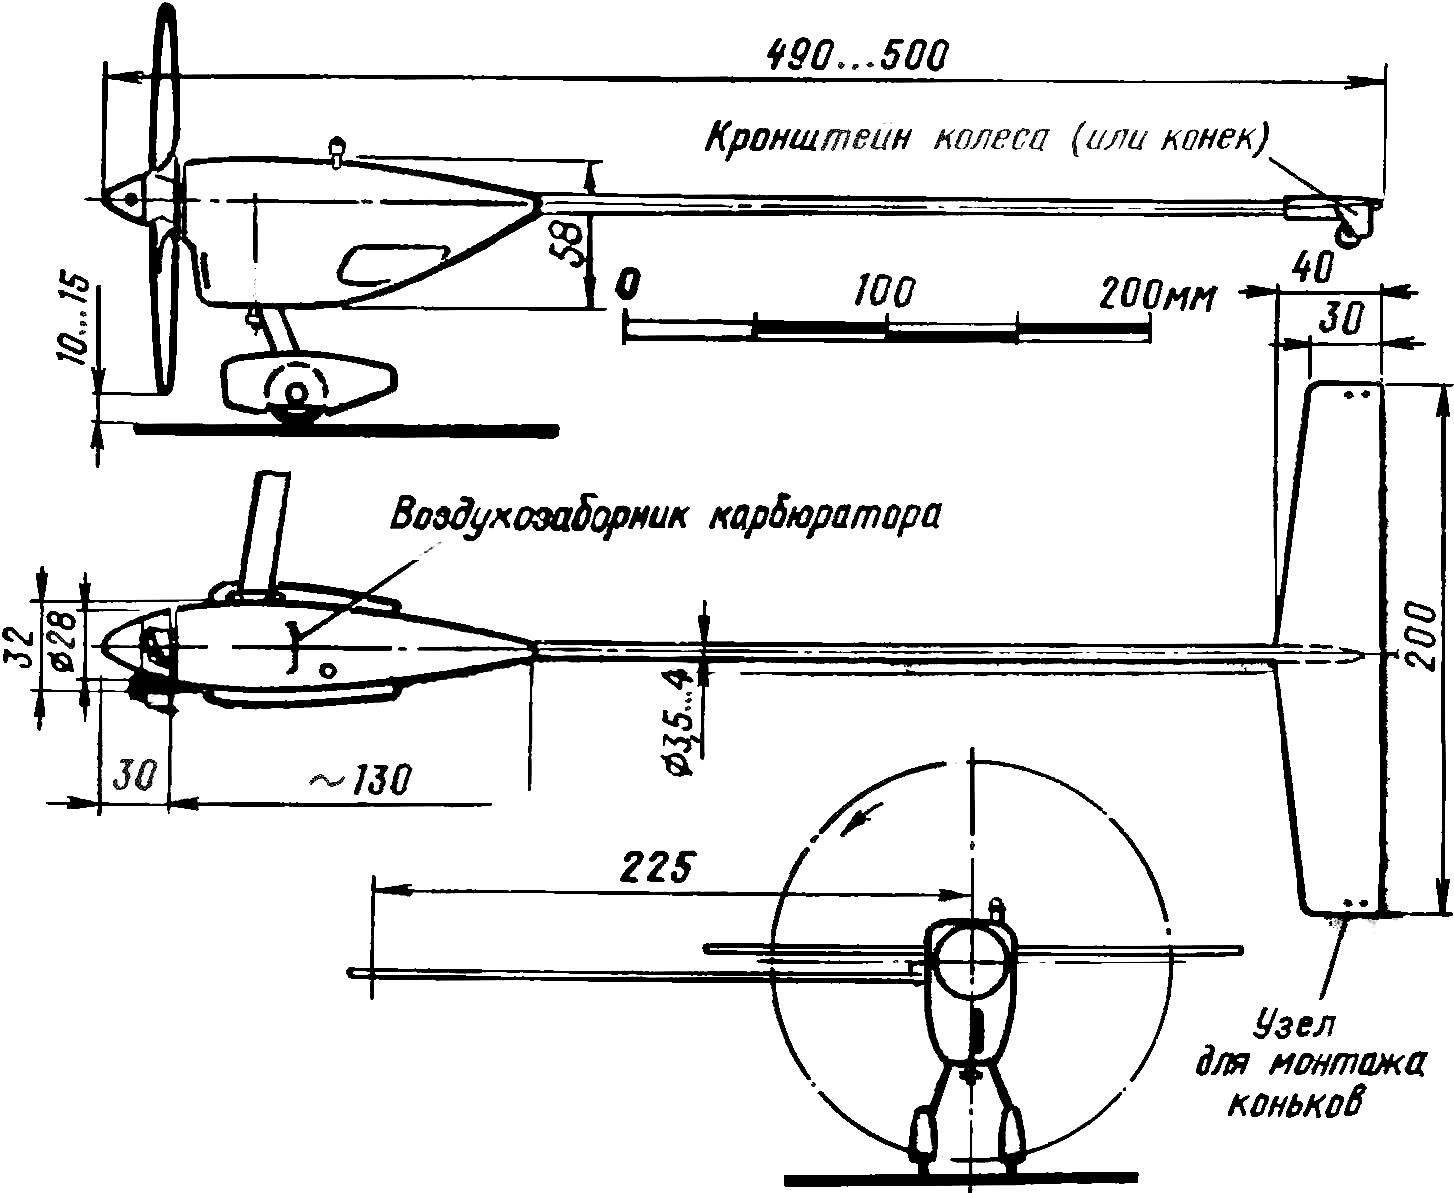 Рис. 1. Кордовая гоночная модель аэромобиля с двигателем рабочим объемом 1,5 см3.